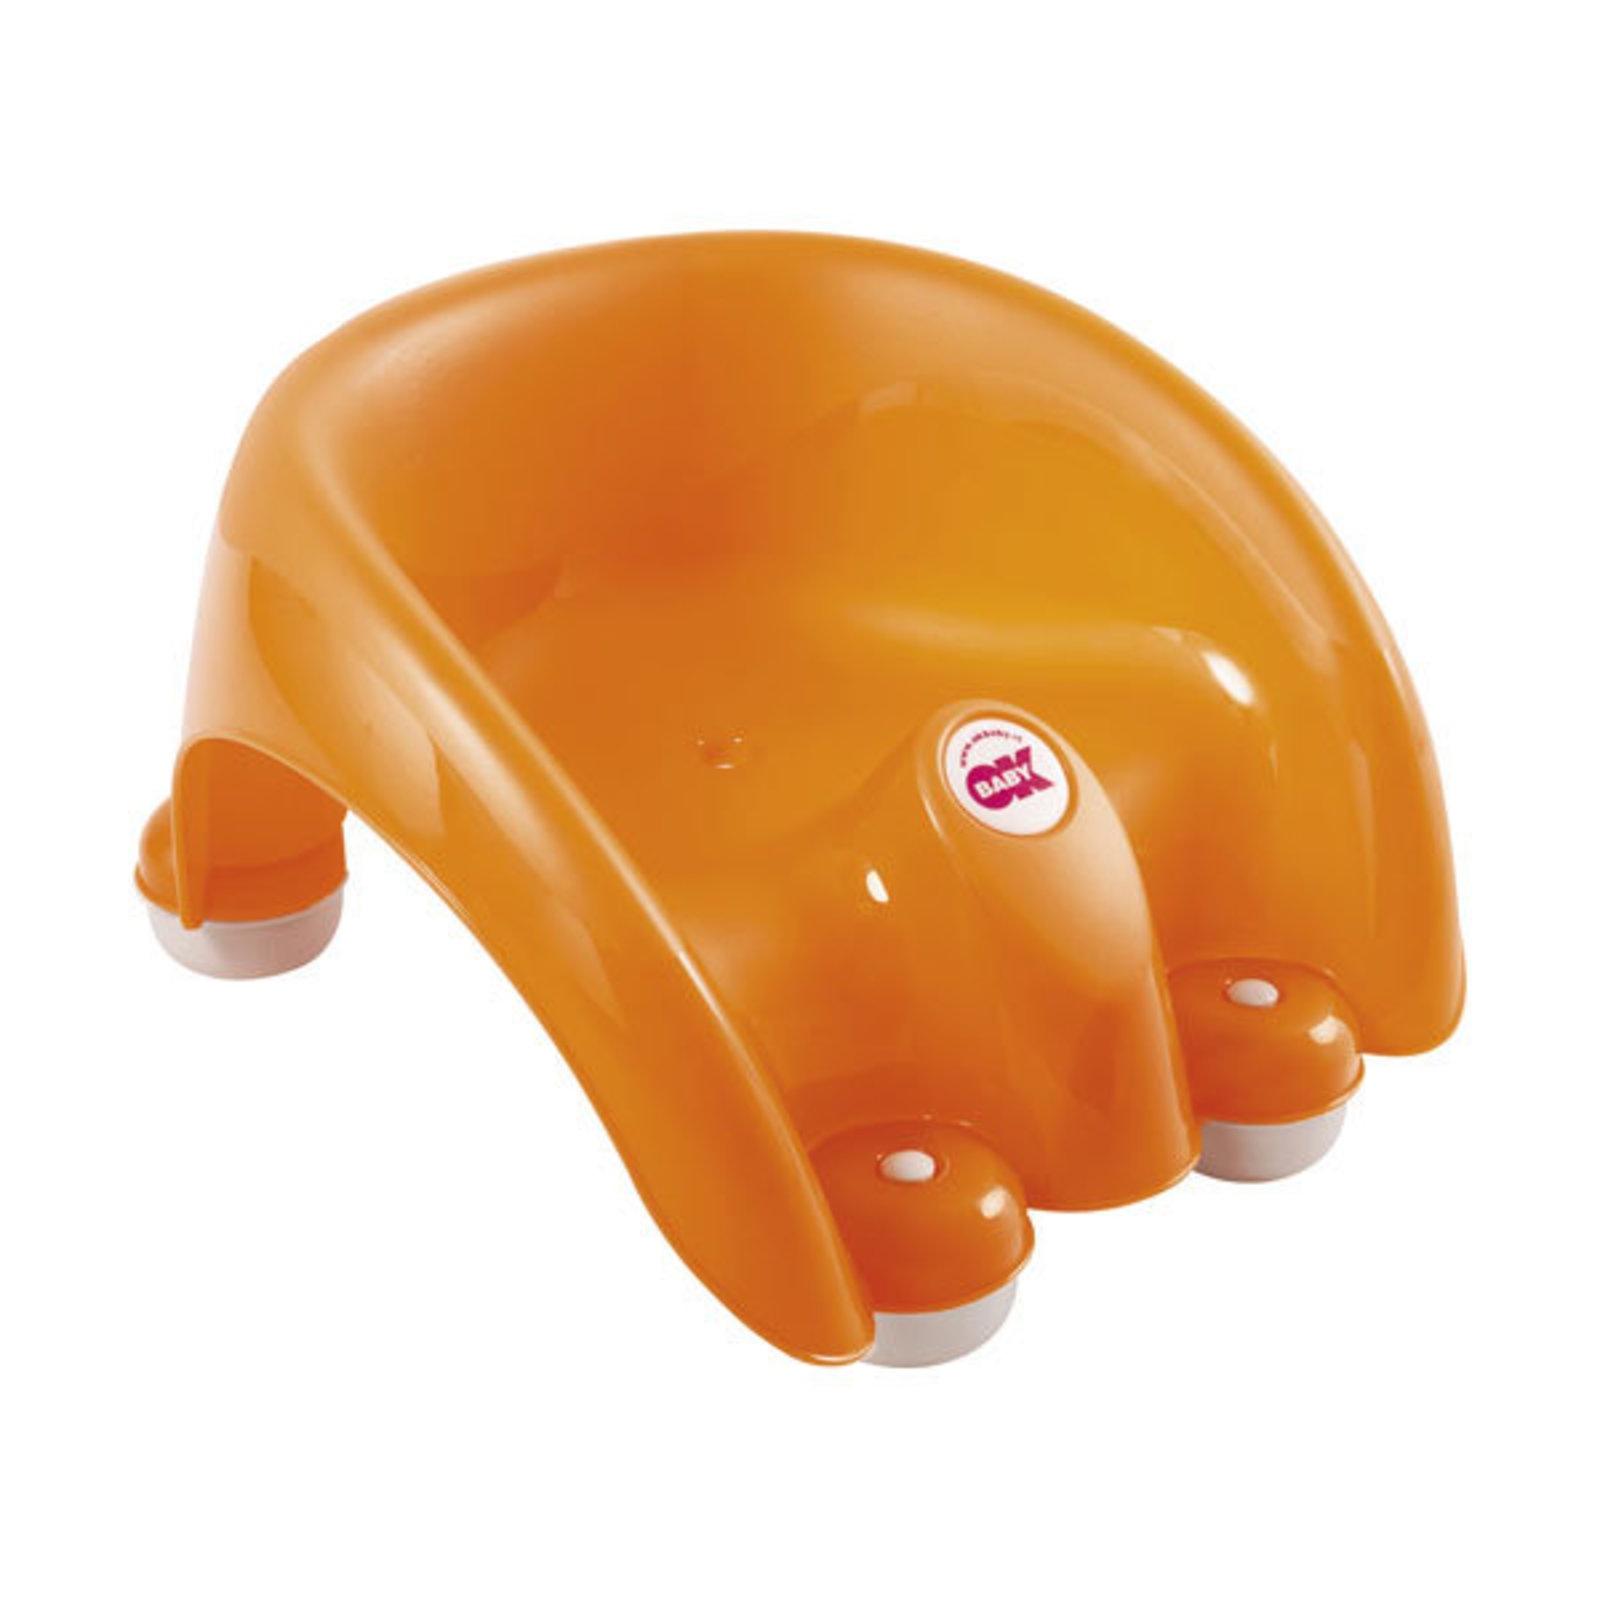 Стульчик для купания OK BABY POUF оранжевый cotoons стульчик для ванной с 6 мес